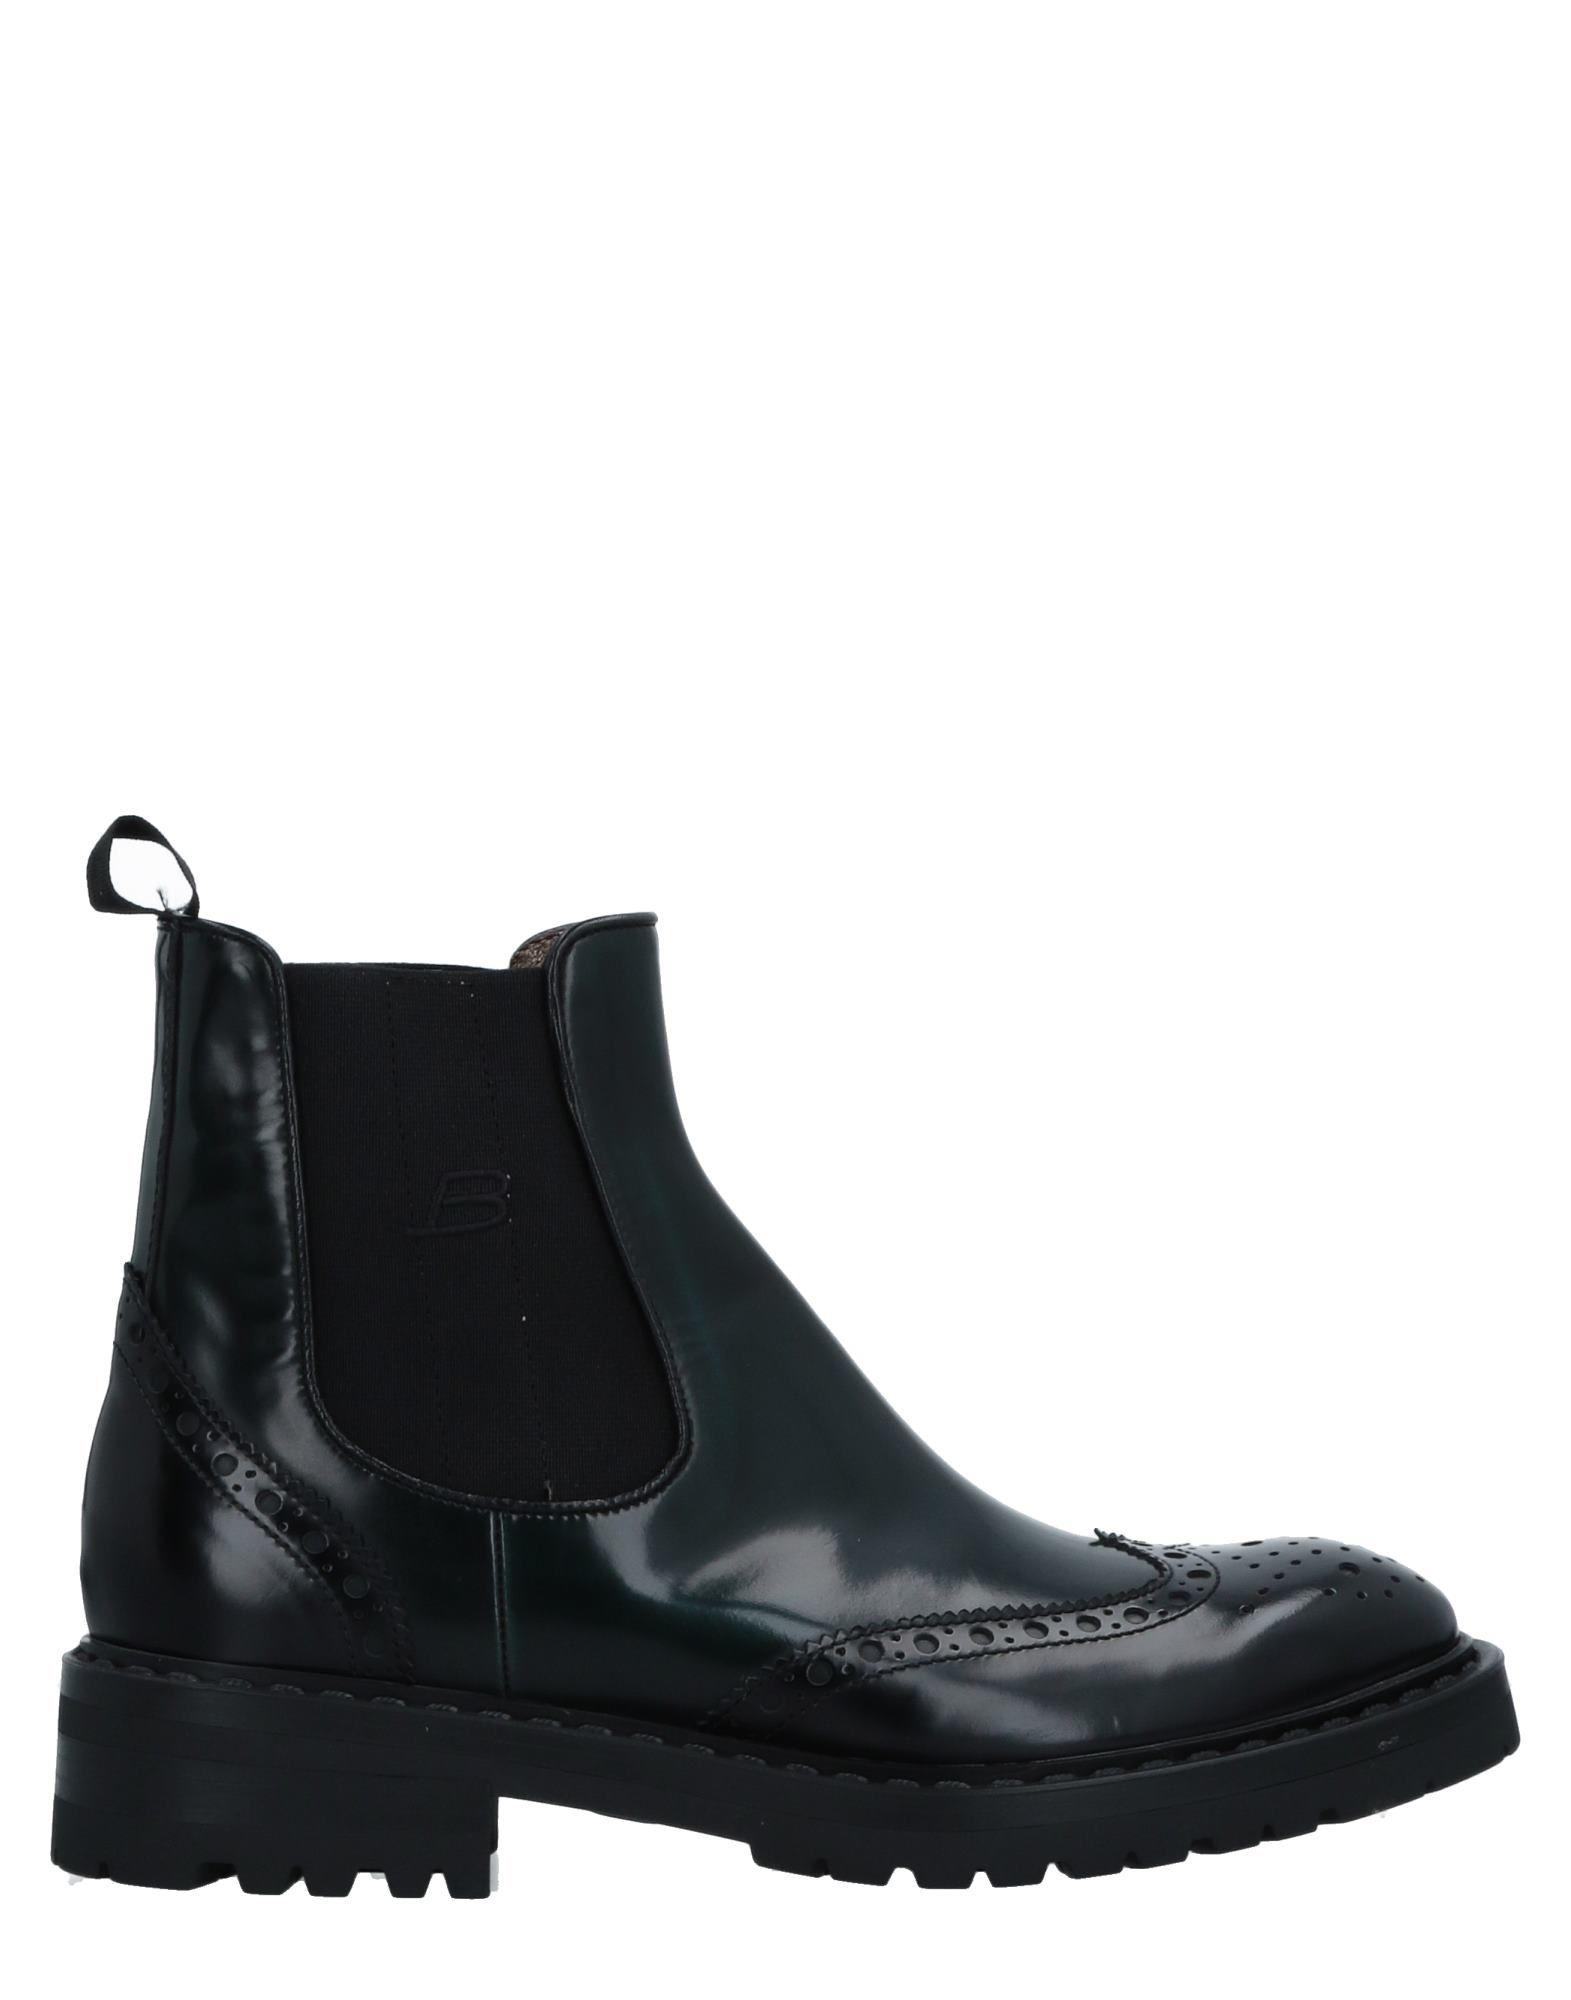 Rabatt Schuhe Barracuda Chelsea Boots Damen  11518391LX